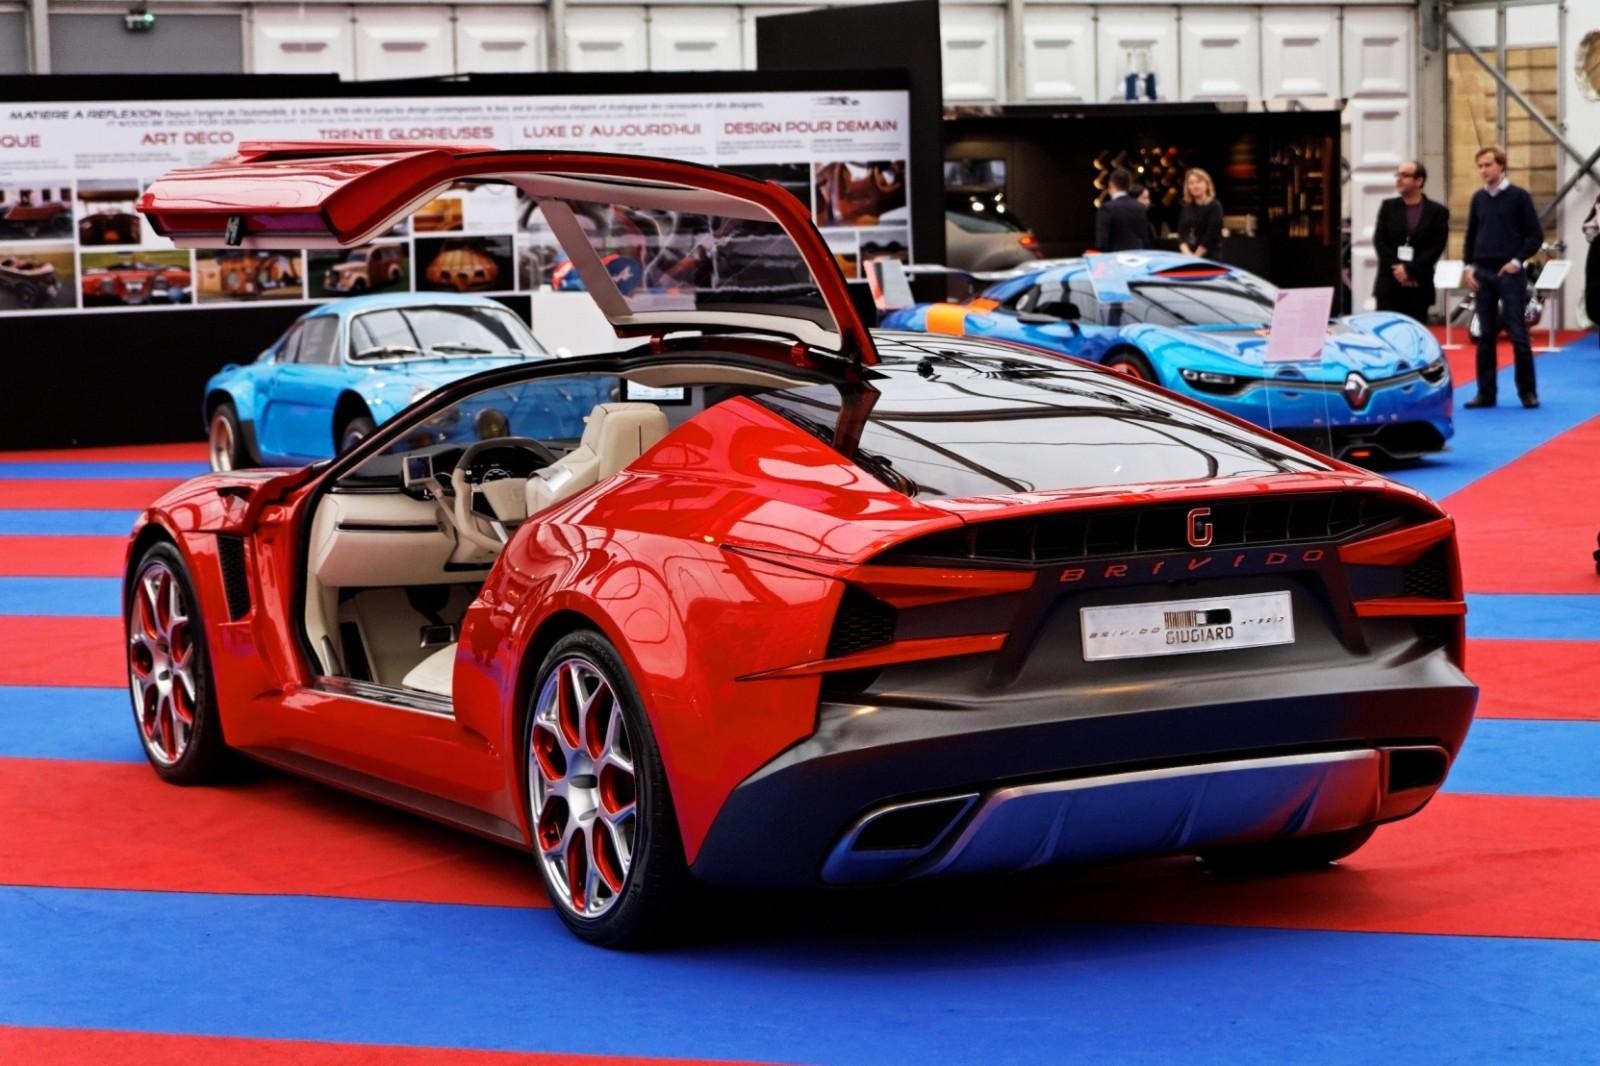 2012 ItalDesign Giugiaro BRIVIDO Concept 57